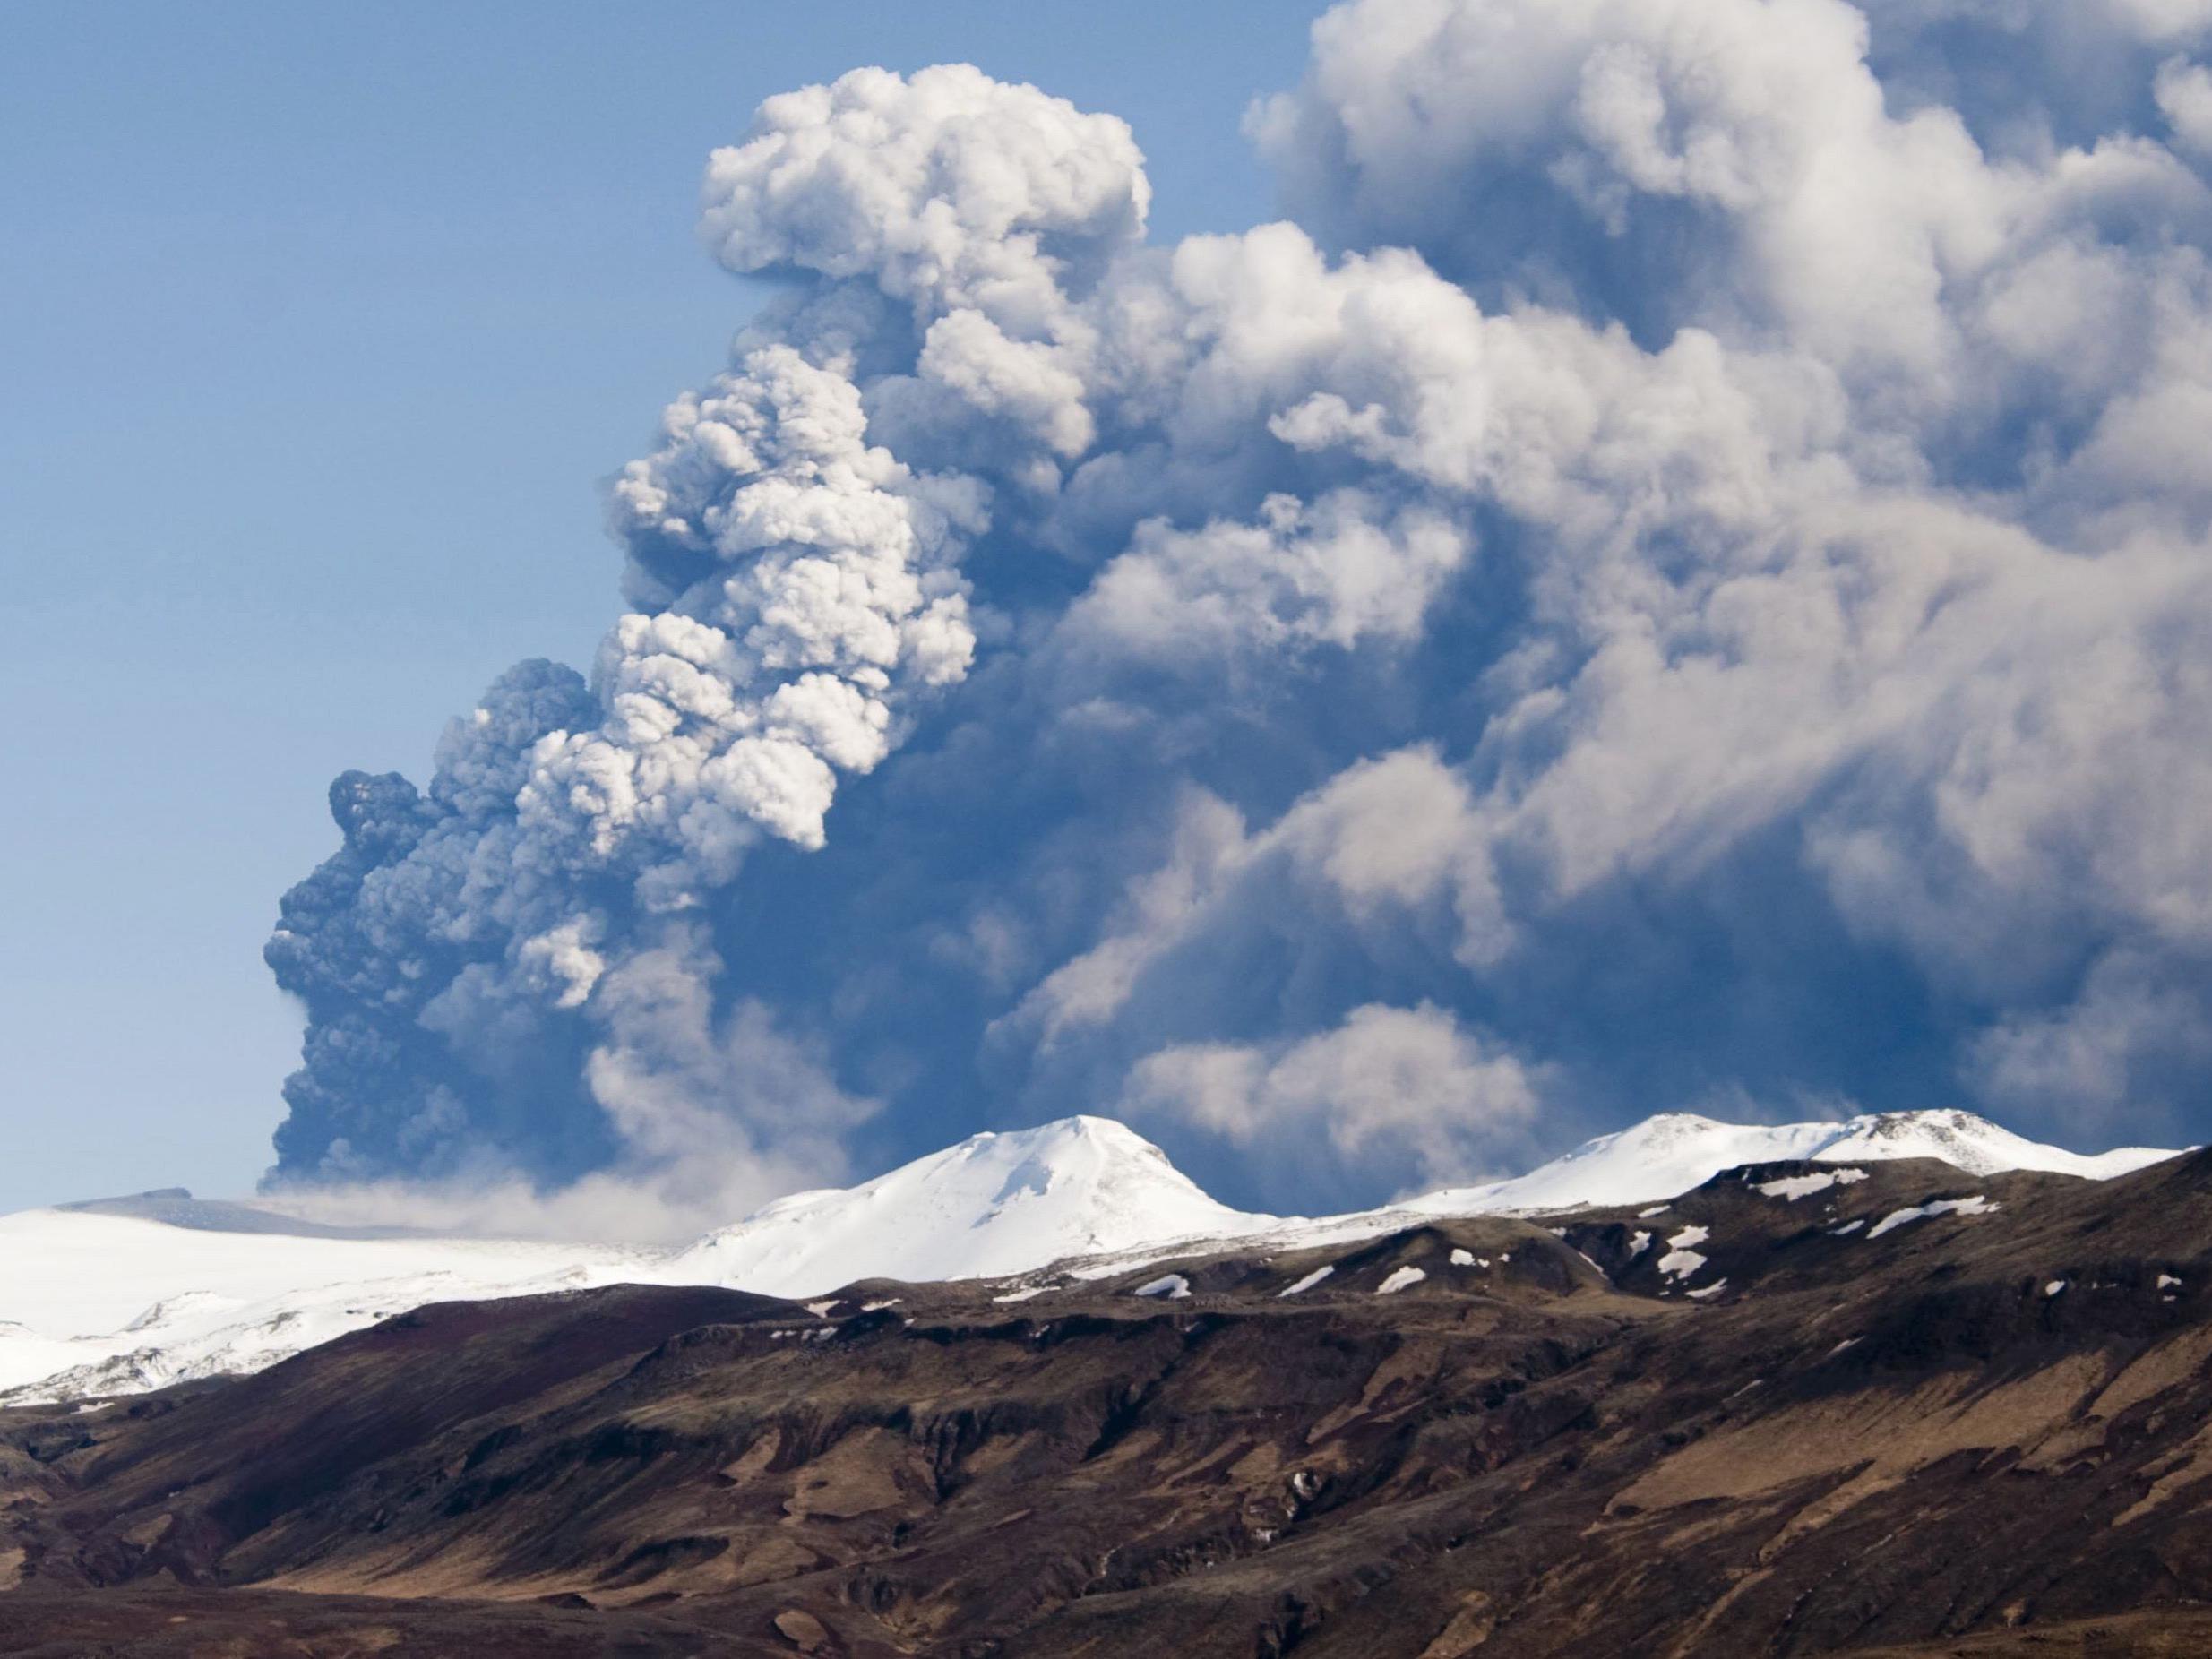 Die Behörden befürchten einen Vulkanausbruch wie 2010 (Eyjafjallajokull).